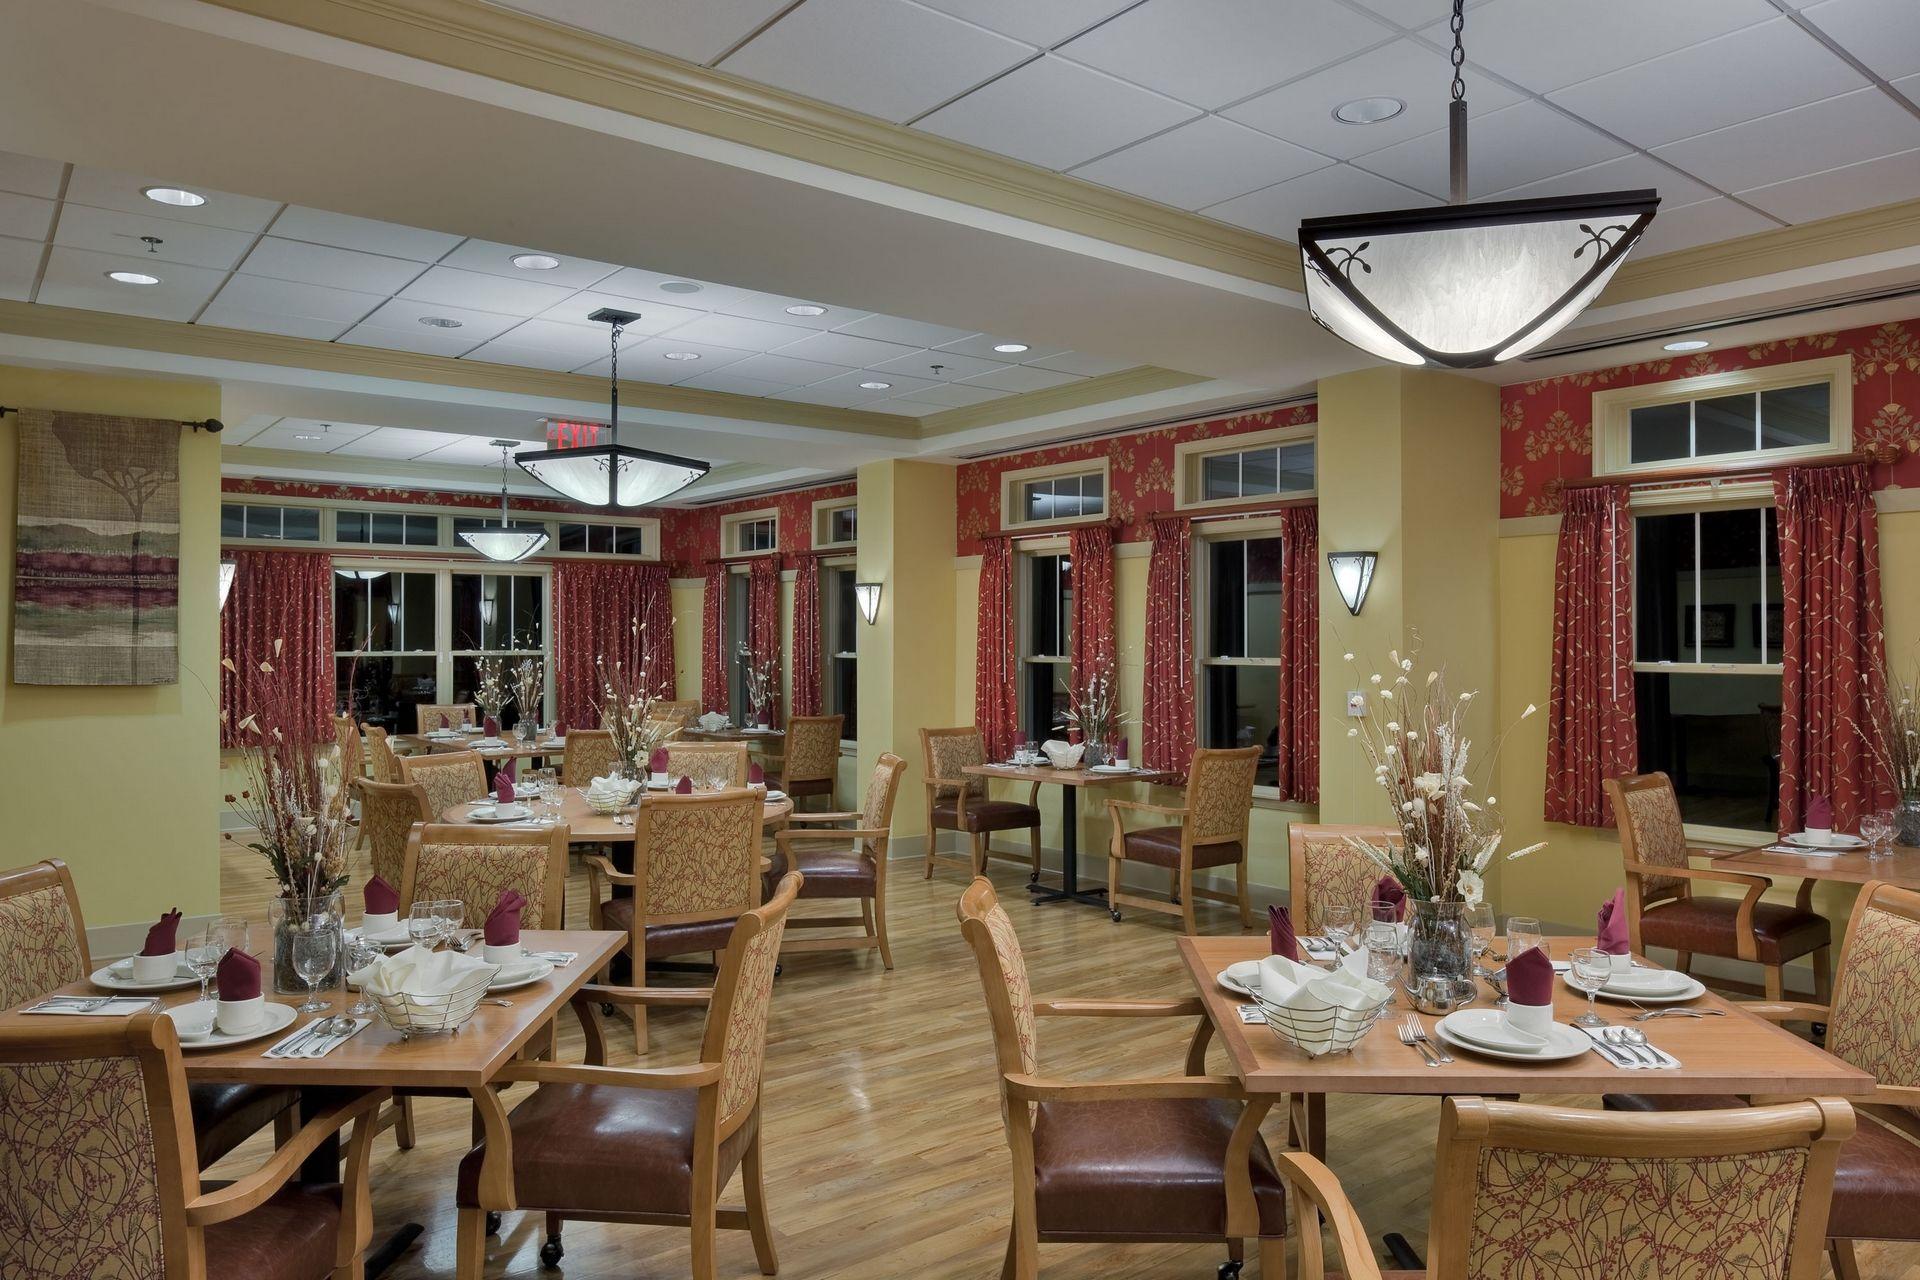 Deerfield episcopal retirement community asheville nc for Senior living dining room